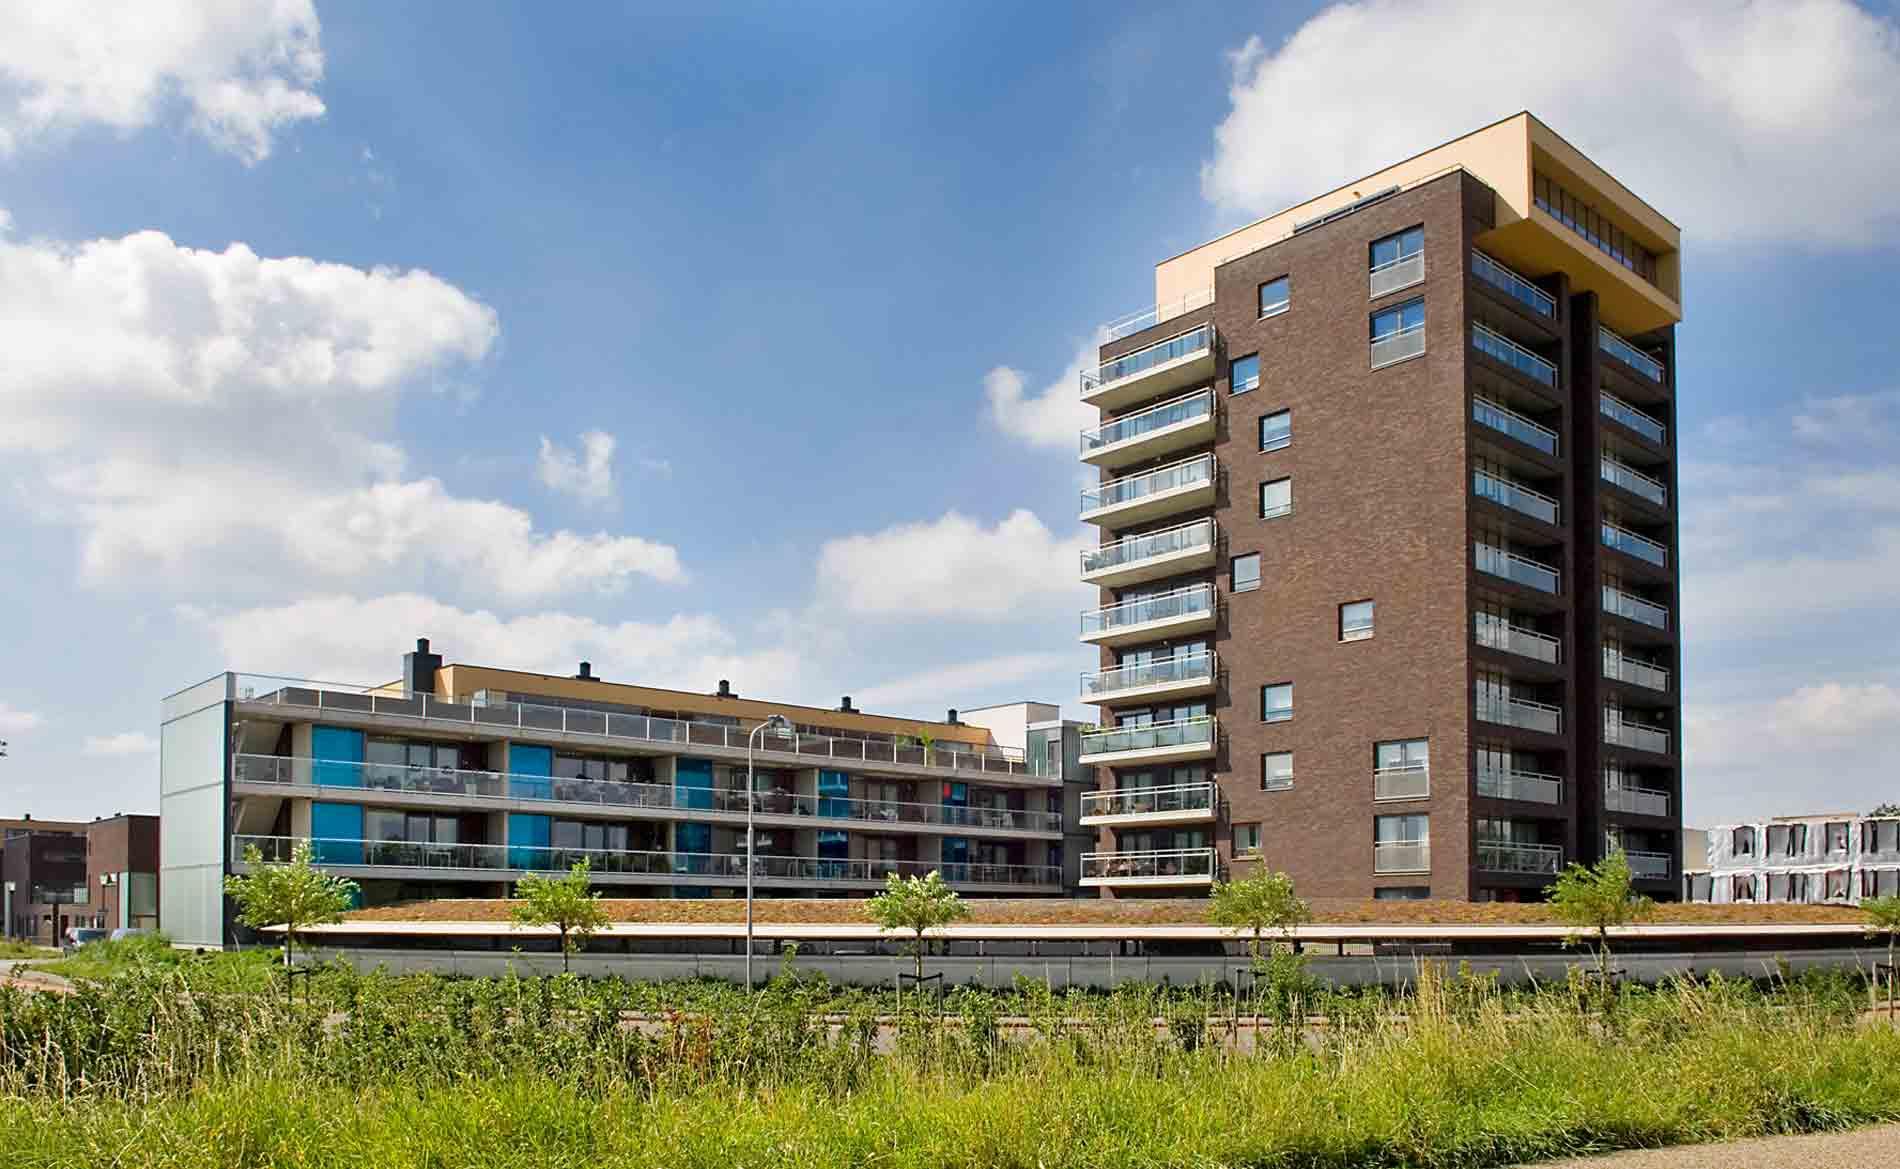 architect woningbouw Prinsenhof Beverwijk Herstructurering wonen BBHD architecten